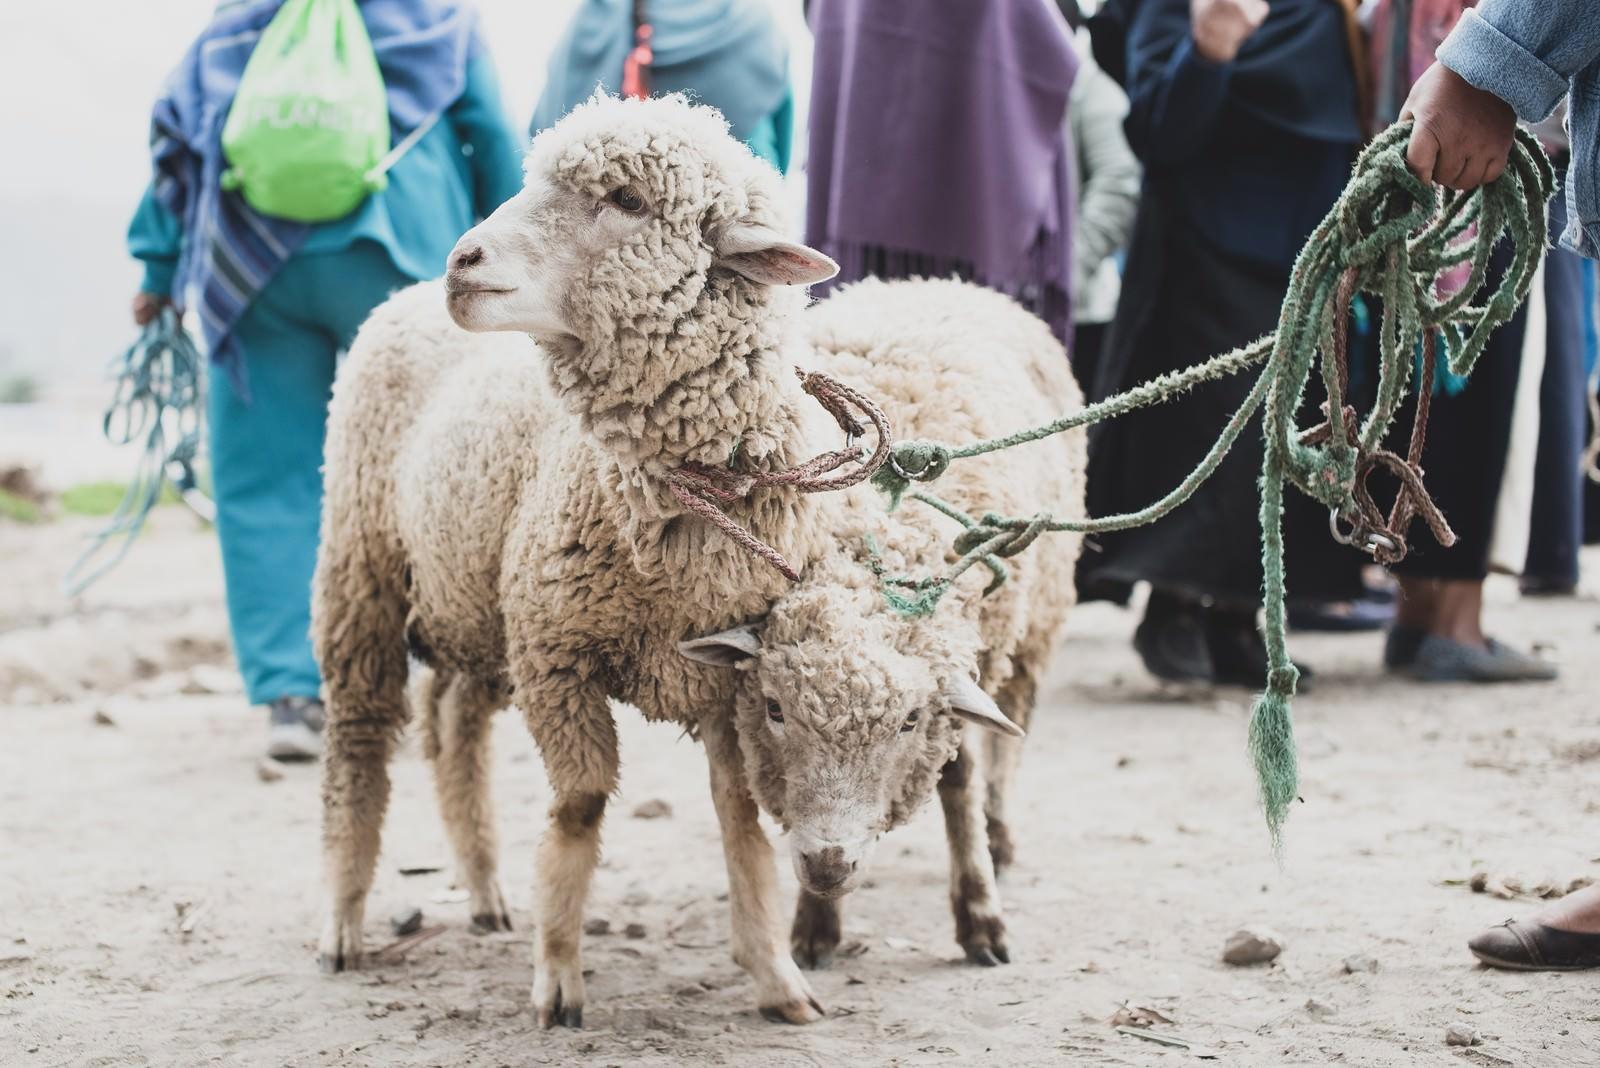 「売買される羊」の写真